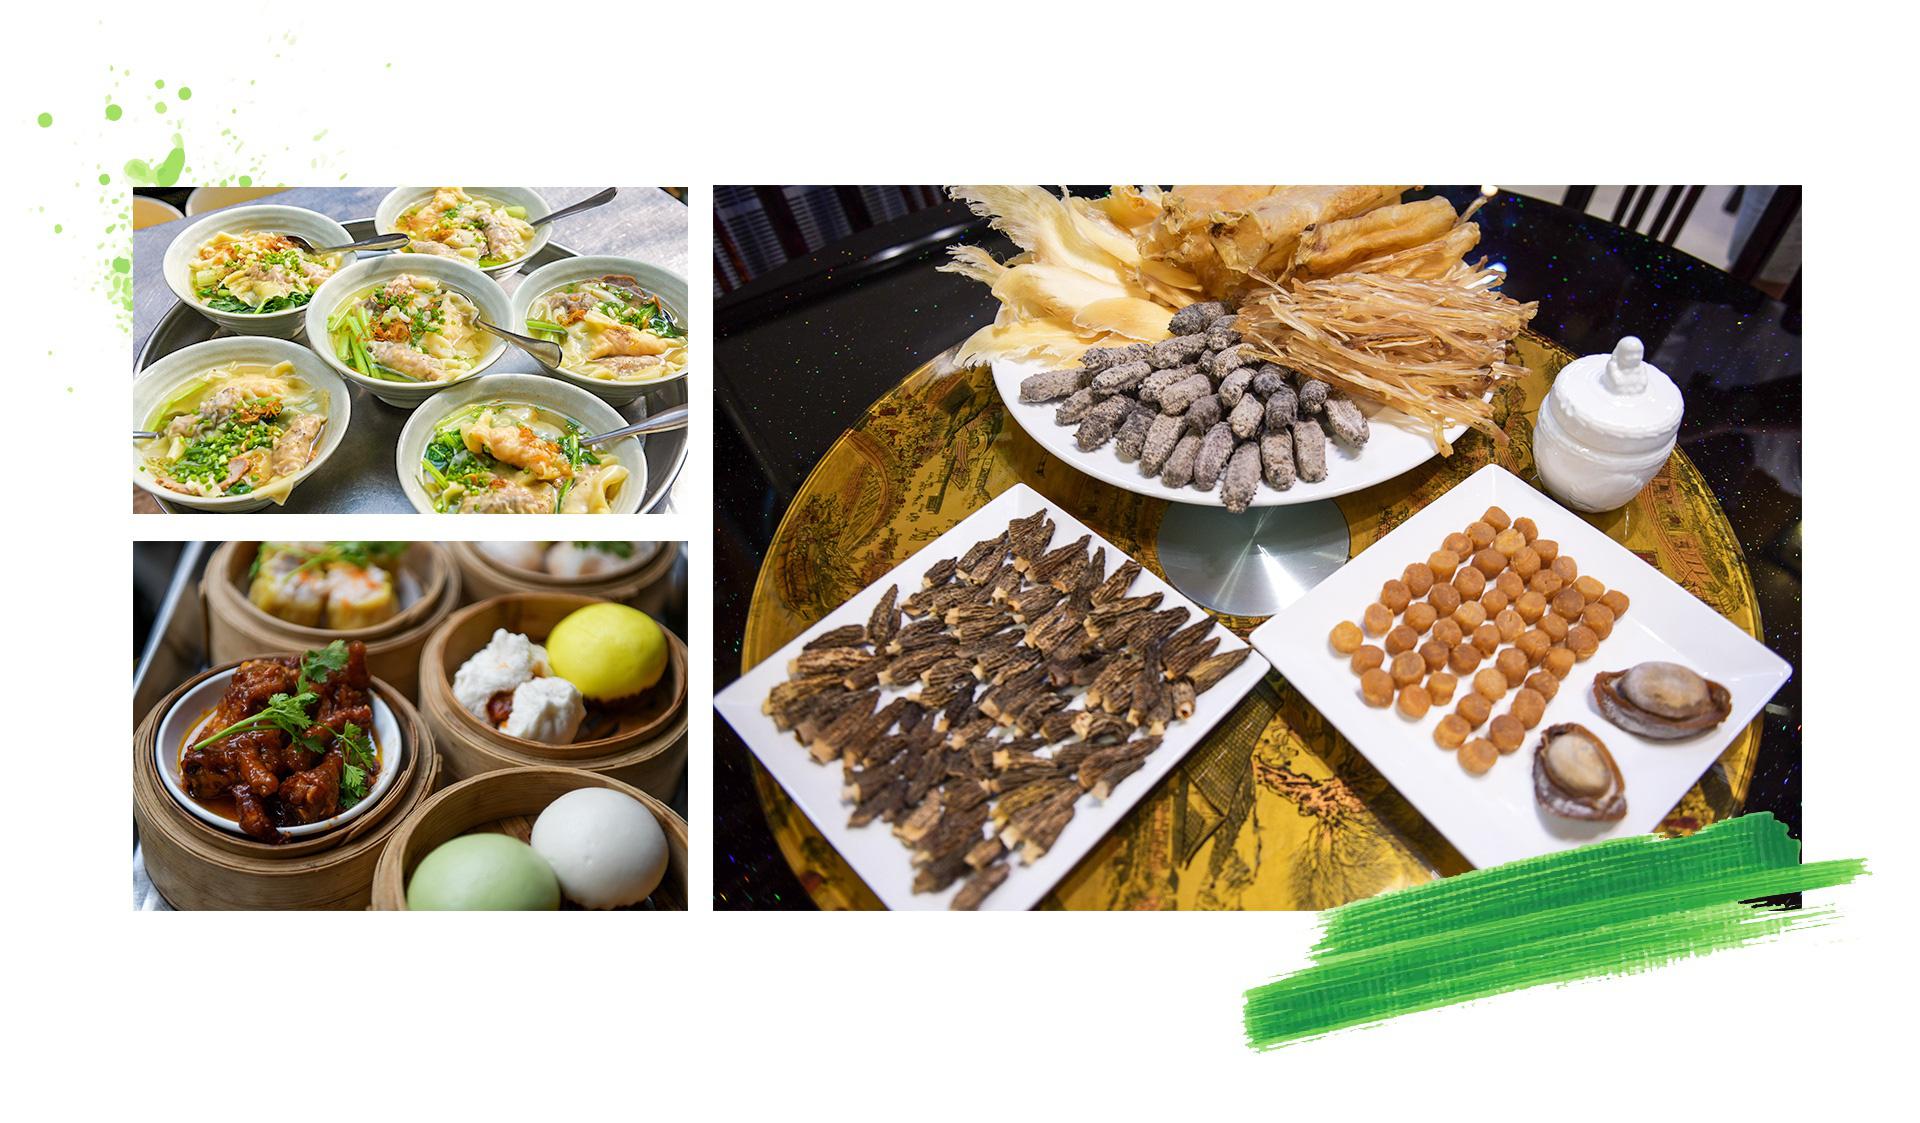 Ẩm thực Chợ Lớn - vẹn nguyên hương vị sau những lần thay da đổi thịt - Ảnh 12.